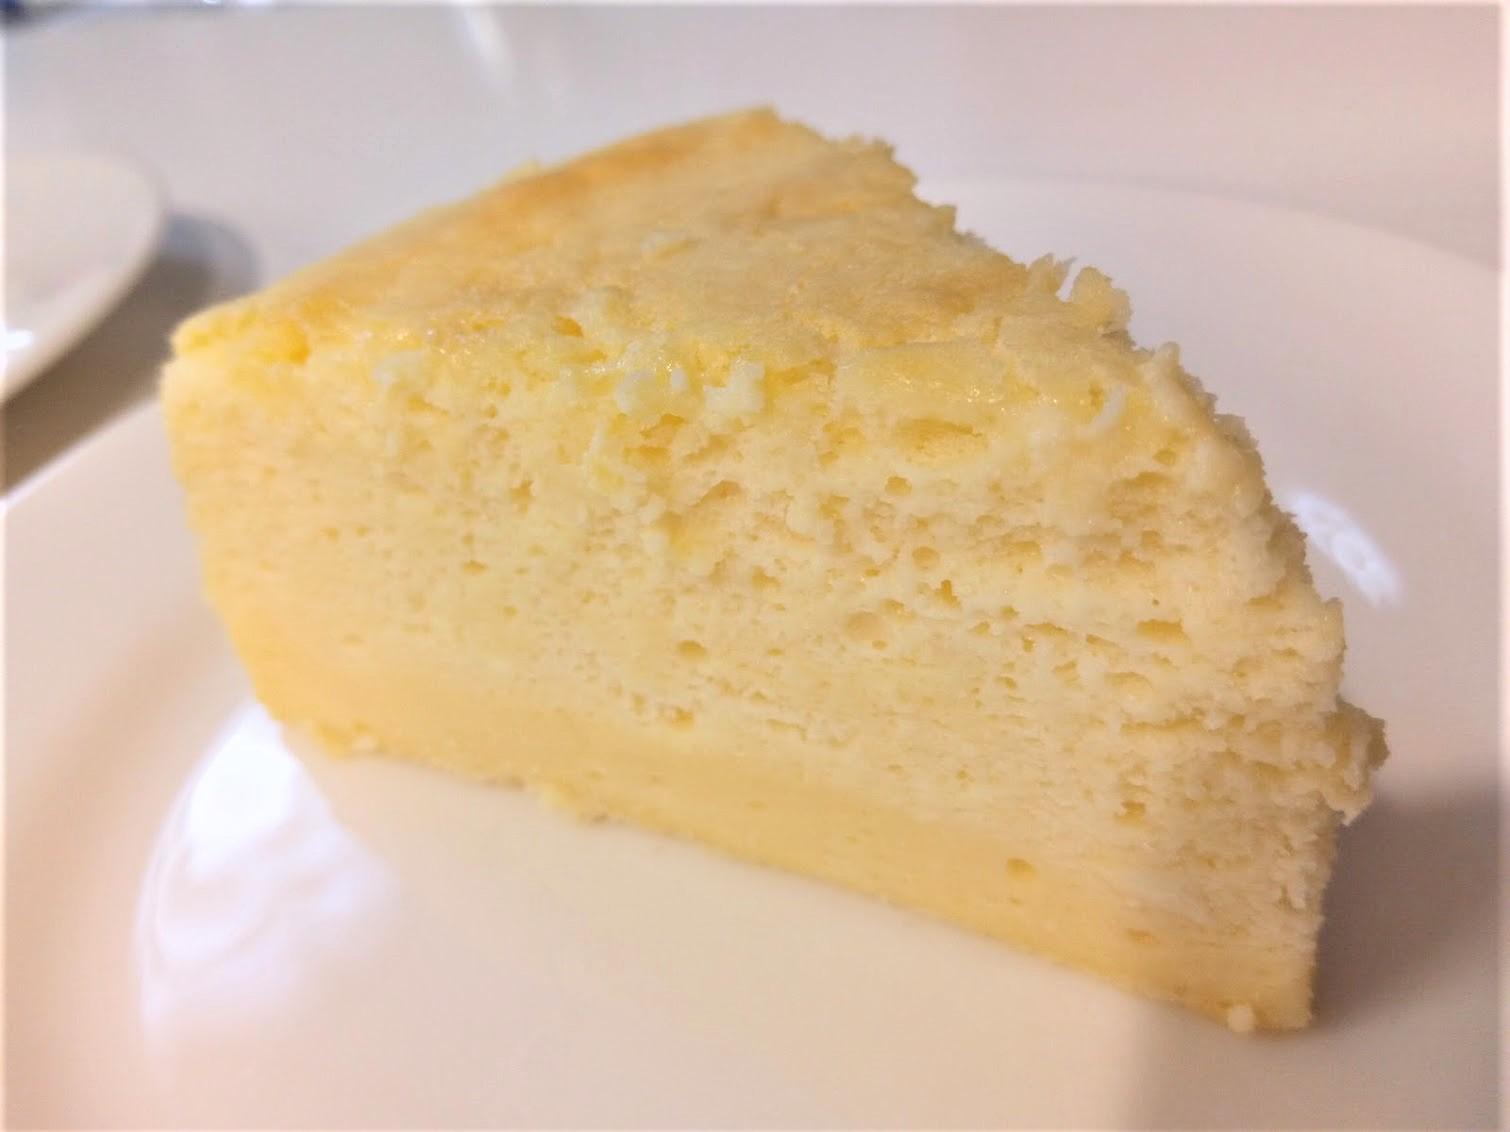 ガリバーくんの焼きたてチーズケーキ|金沢市にある濃厚でふわふわなスフレがおすすめ